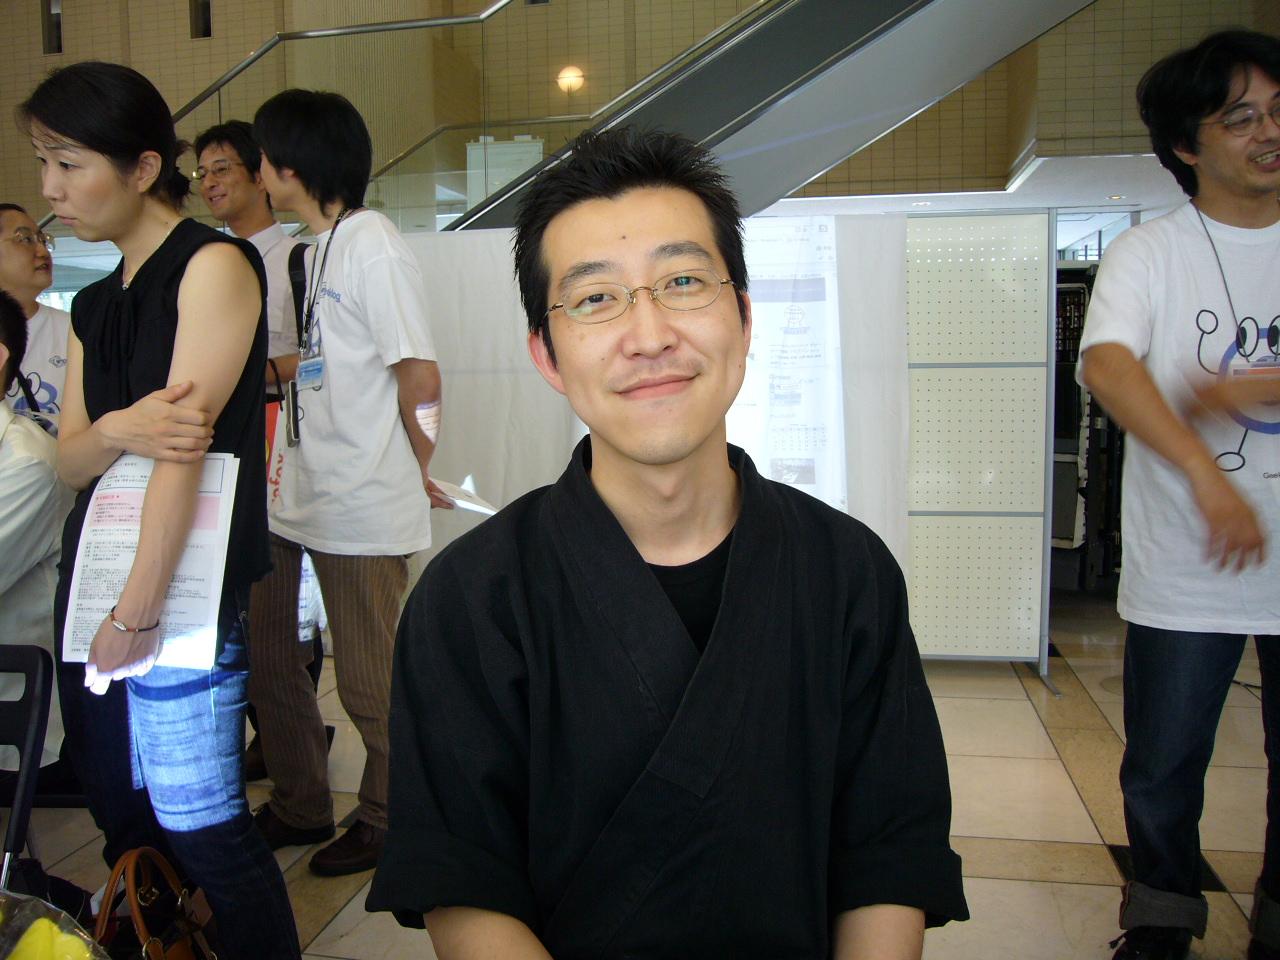 オープンソースカンファレンス2008Kansai@Kyoto11